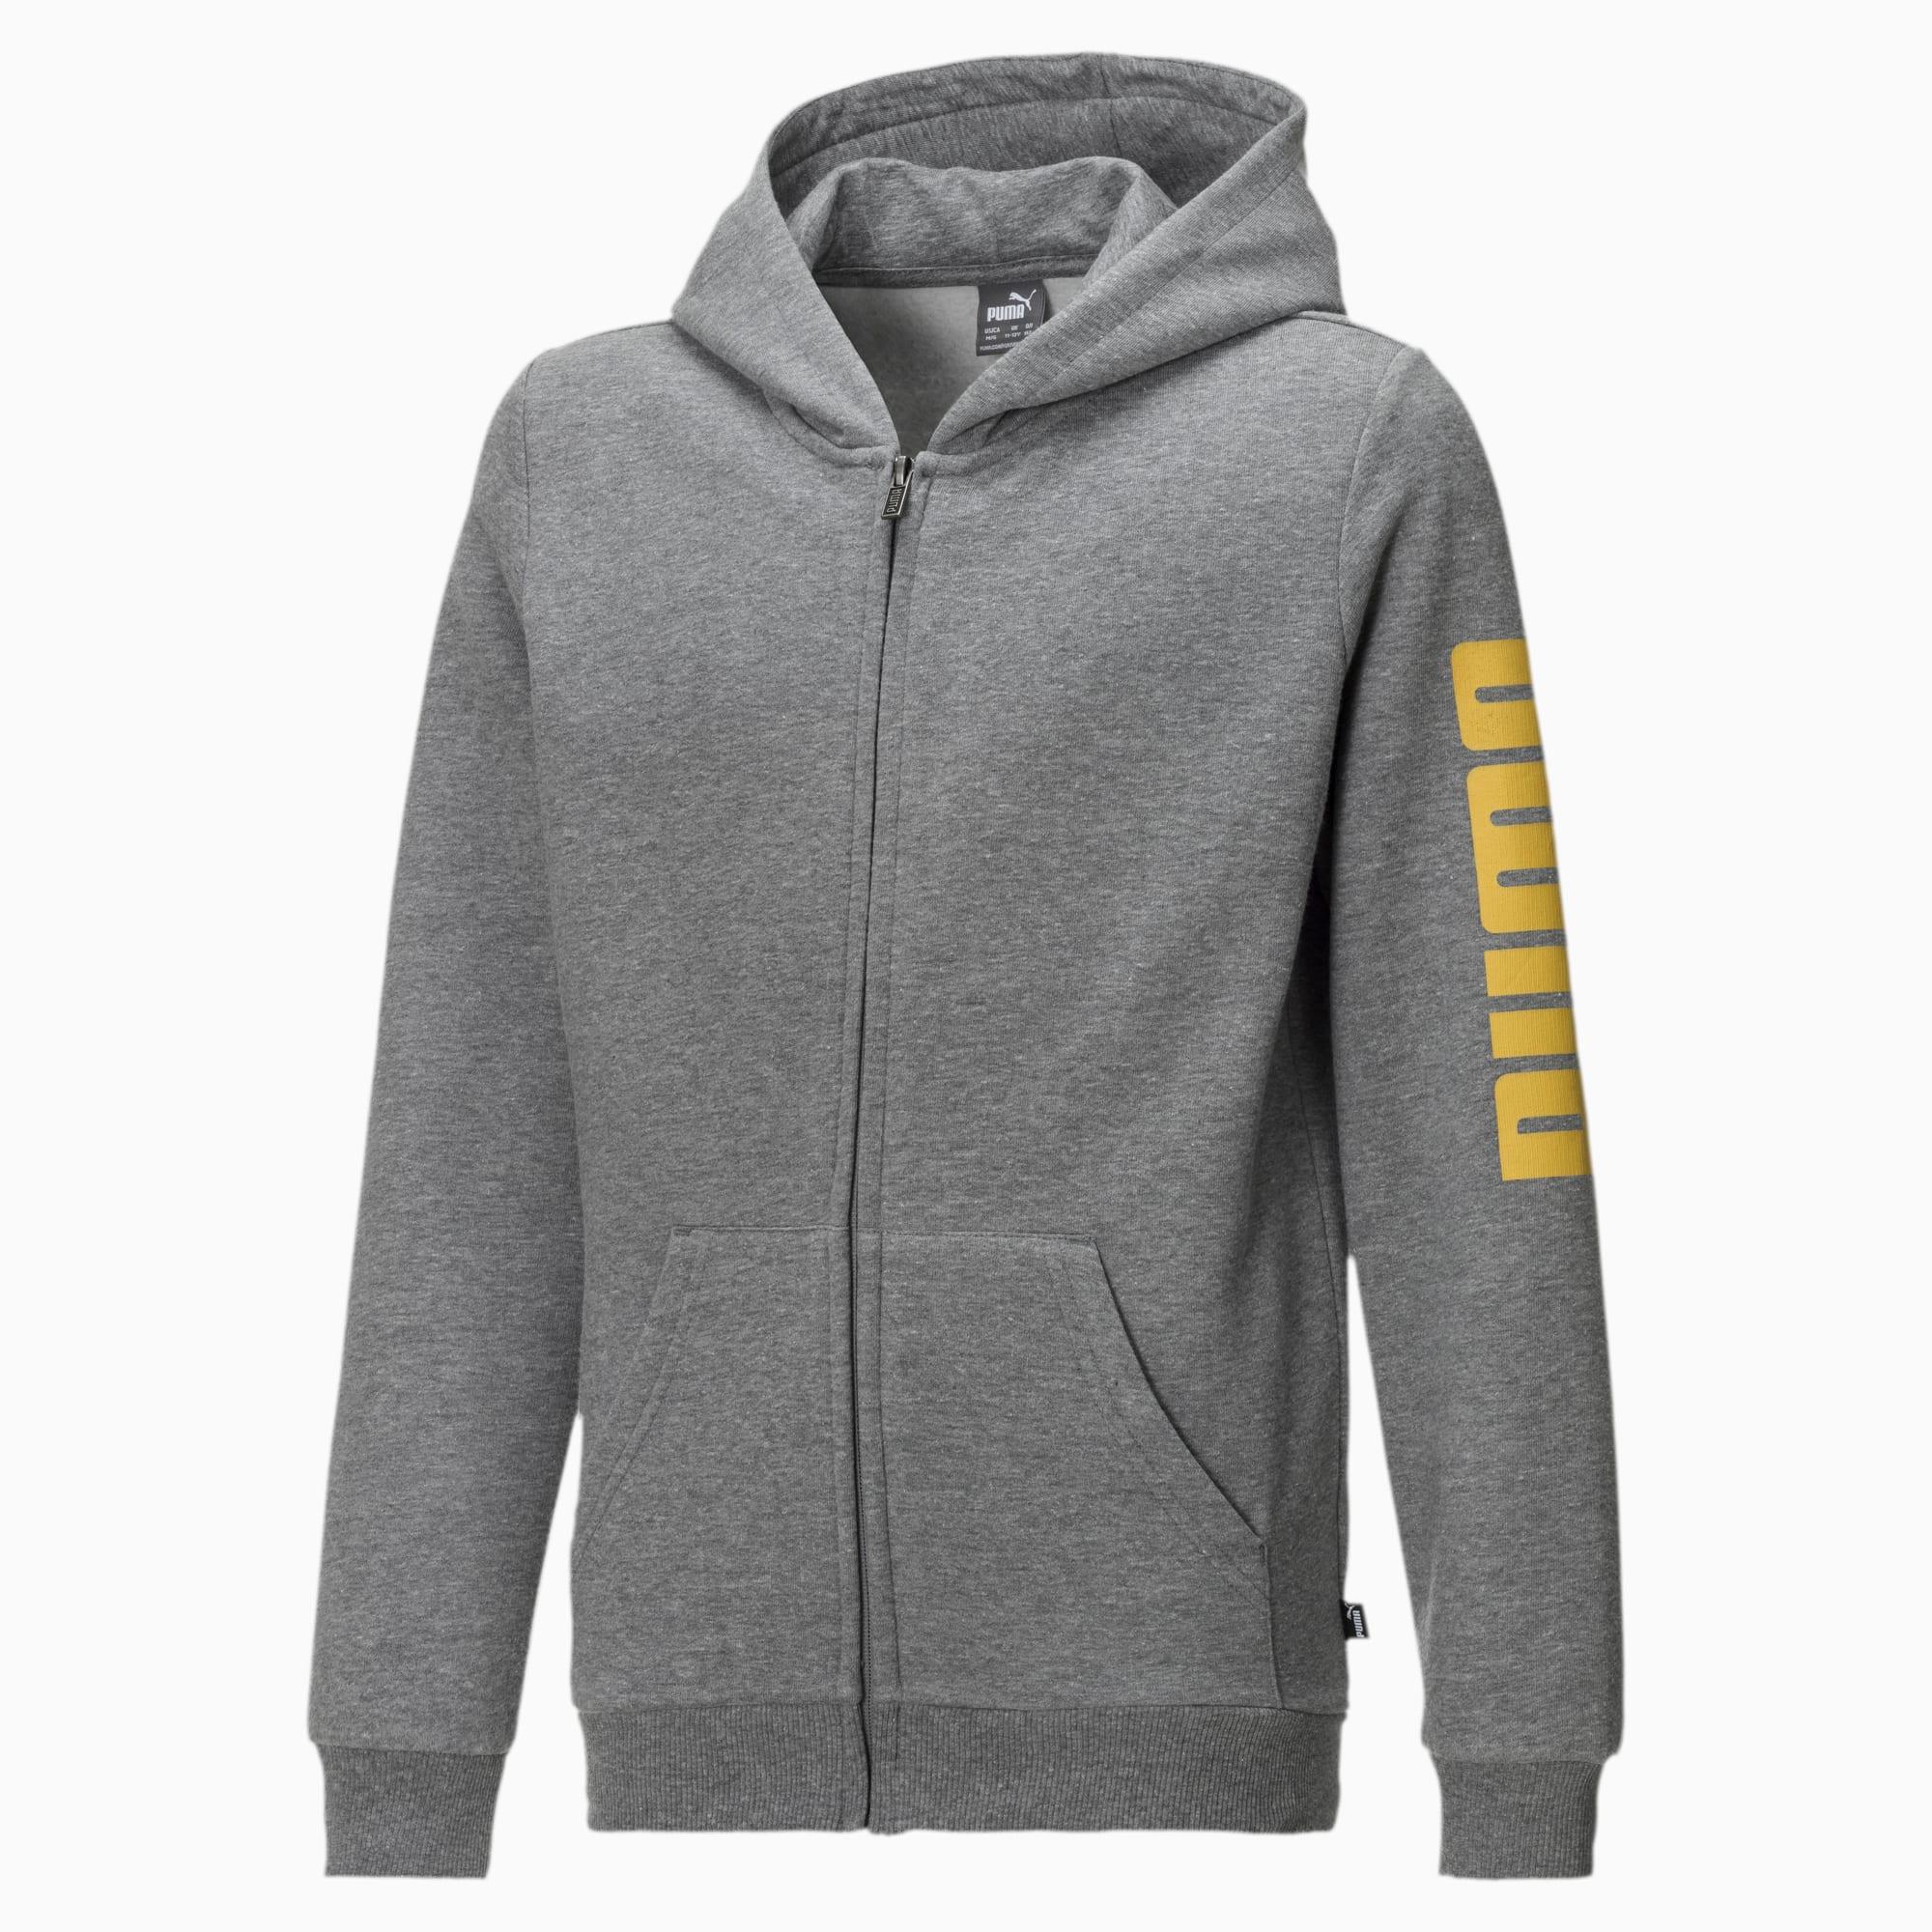 blouson en sweat fleece à capuche pour garçon, gris/jaune/bruyère, taille 110, vêtements